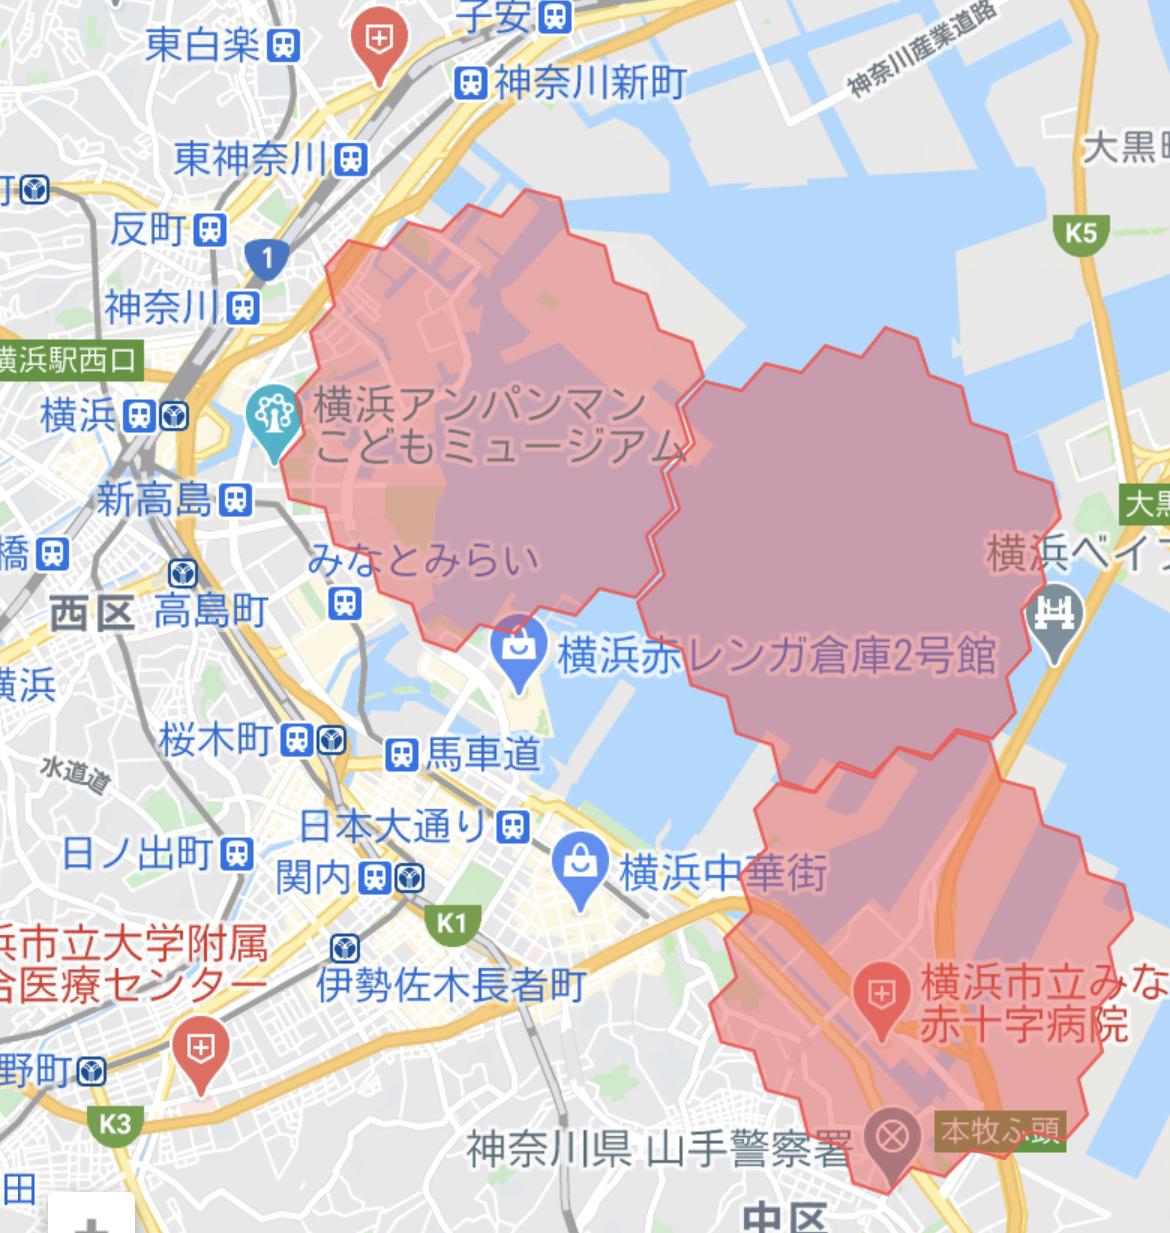 横浜 menu(デリバリーアプリ)の配達エリア